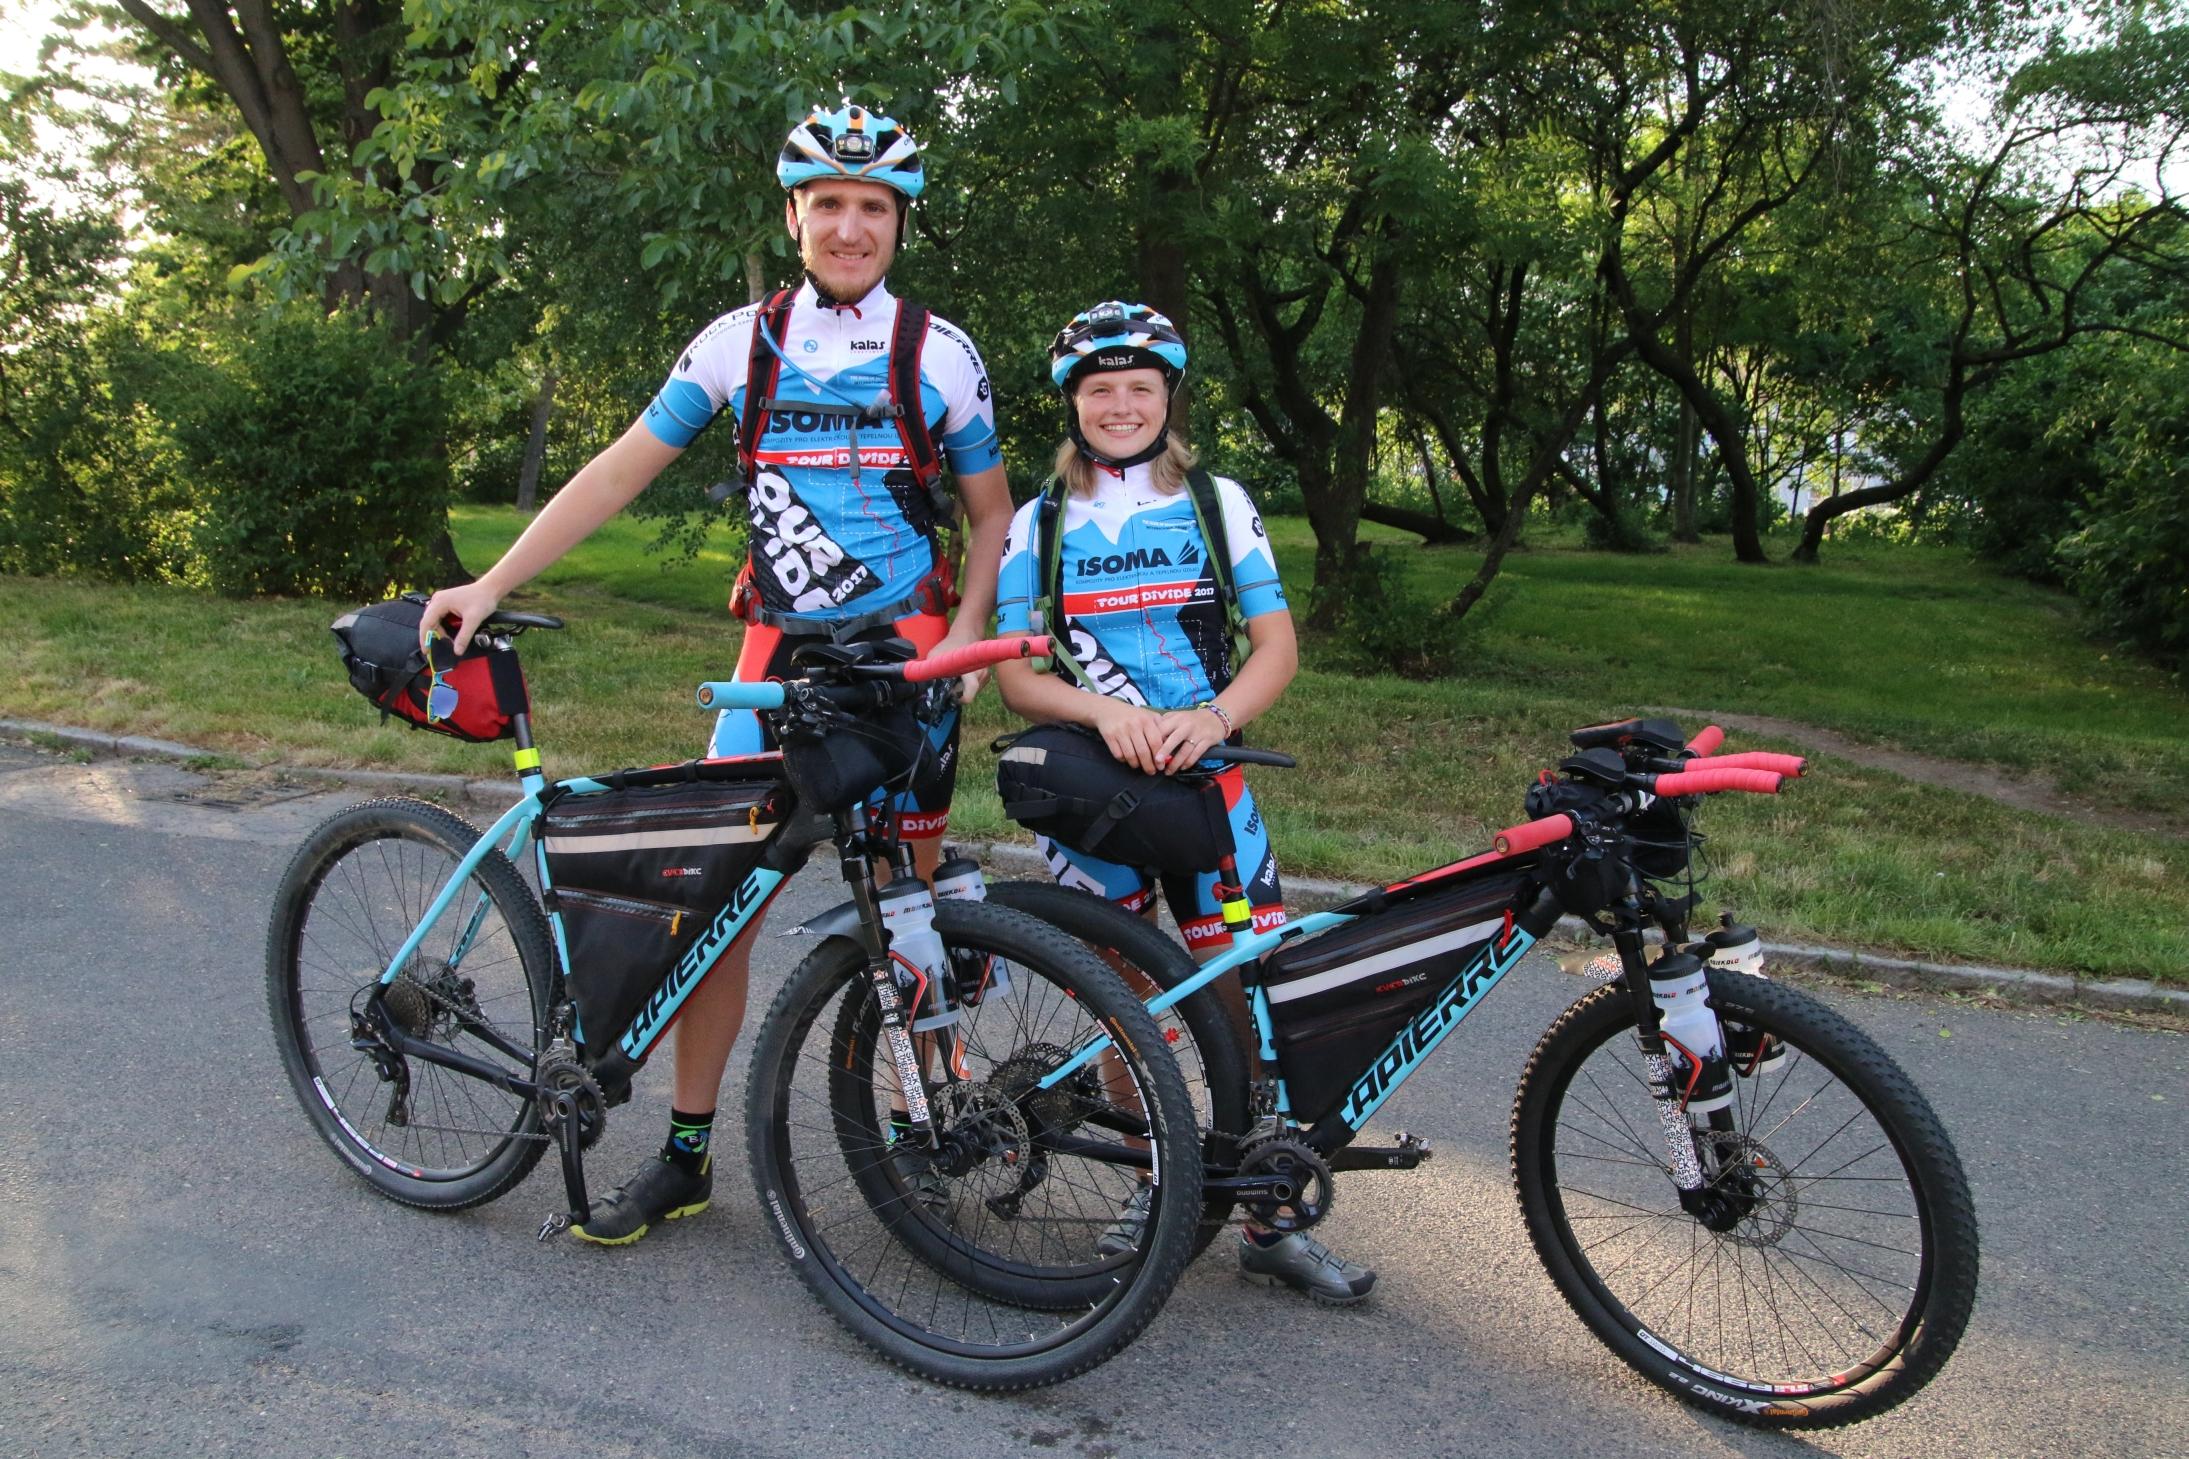 Markéta Peggy Marvanová s manželem Adamem Záviškou a kompletní výbavou před závodem Tour Divide